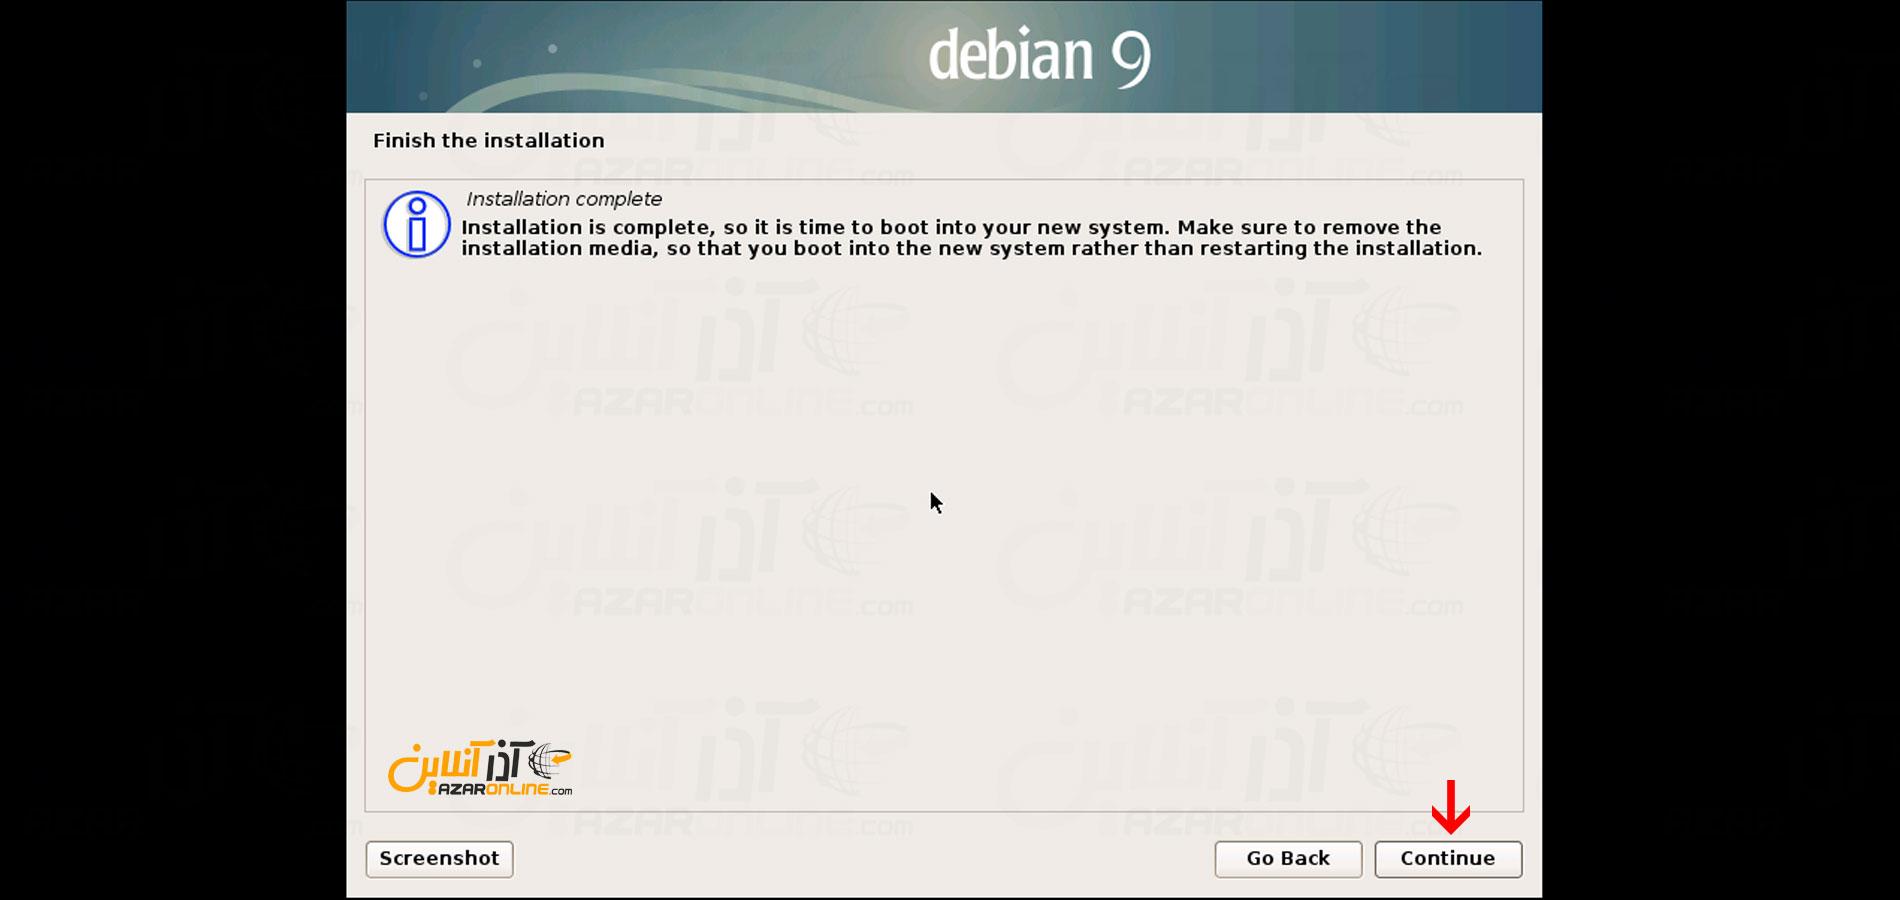 اتمام نصب دبیان 9 - آموزش نصب دبیان 9 روی Vmware